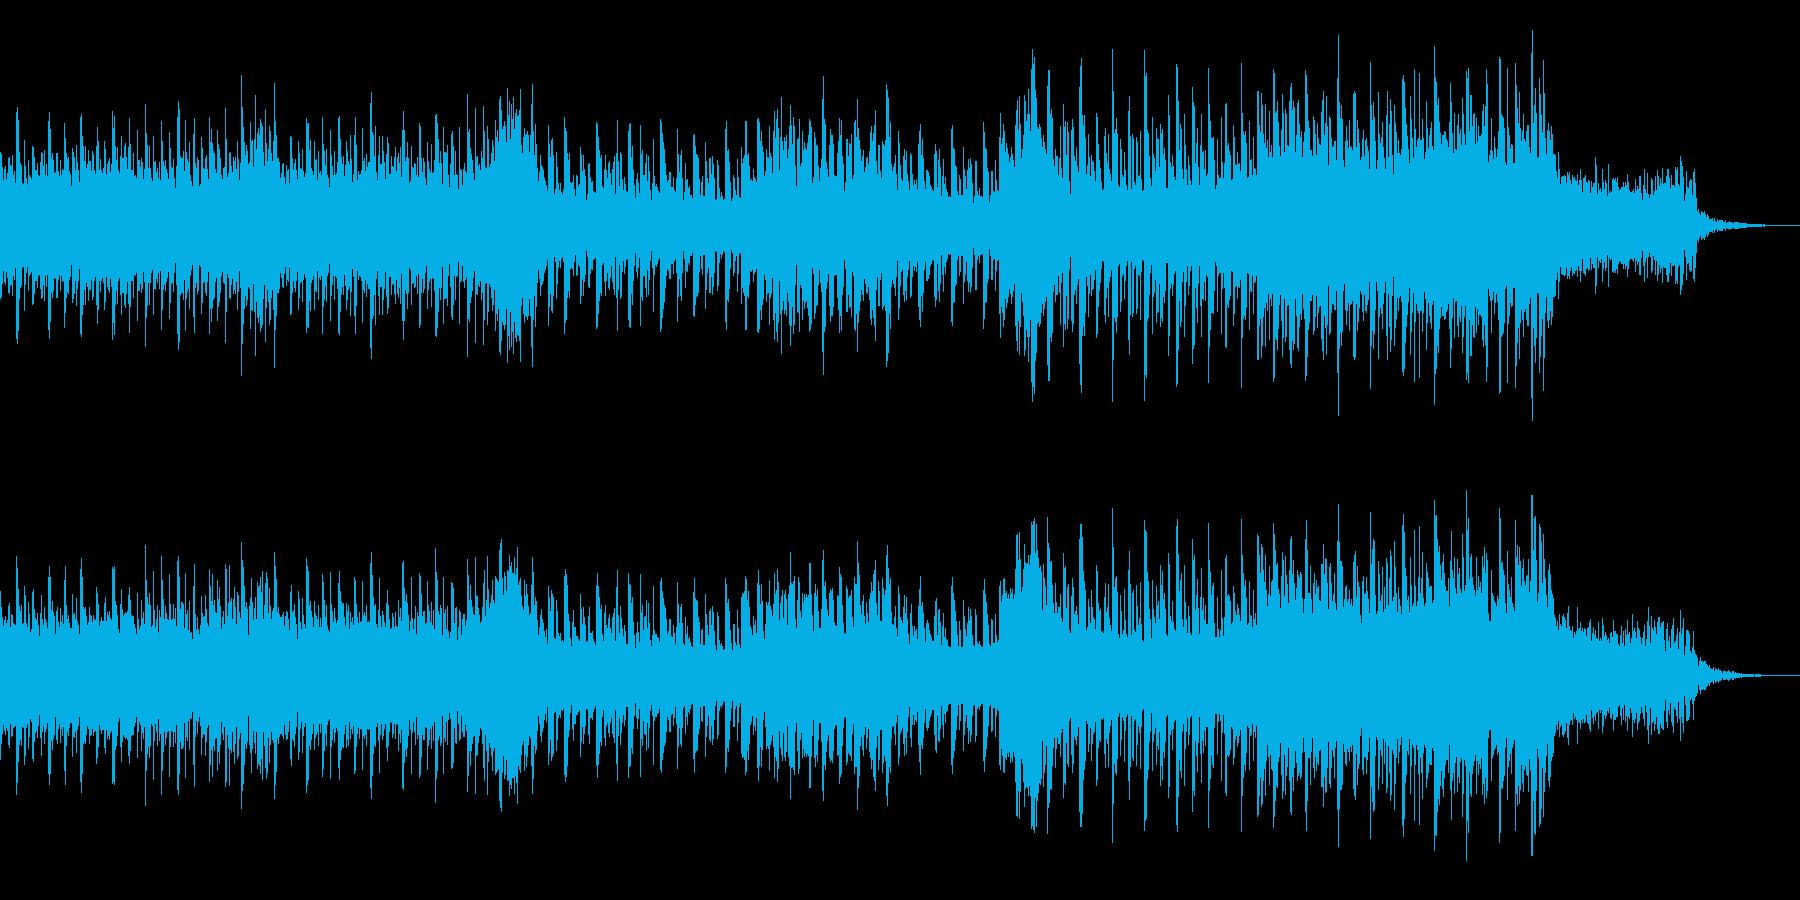 銃撃戦をイメージしたカッコいい曲です。の再生済みの波形